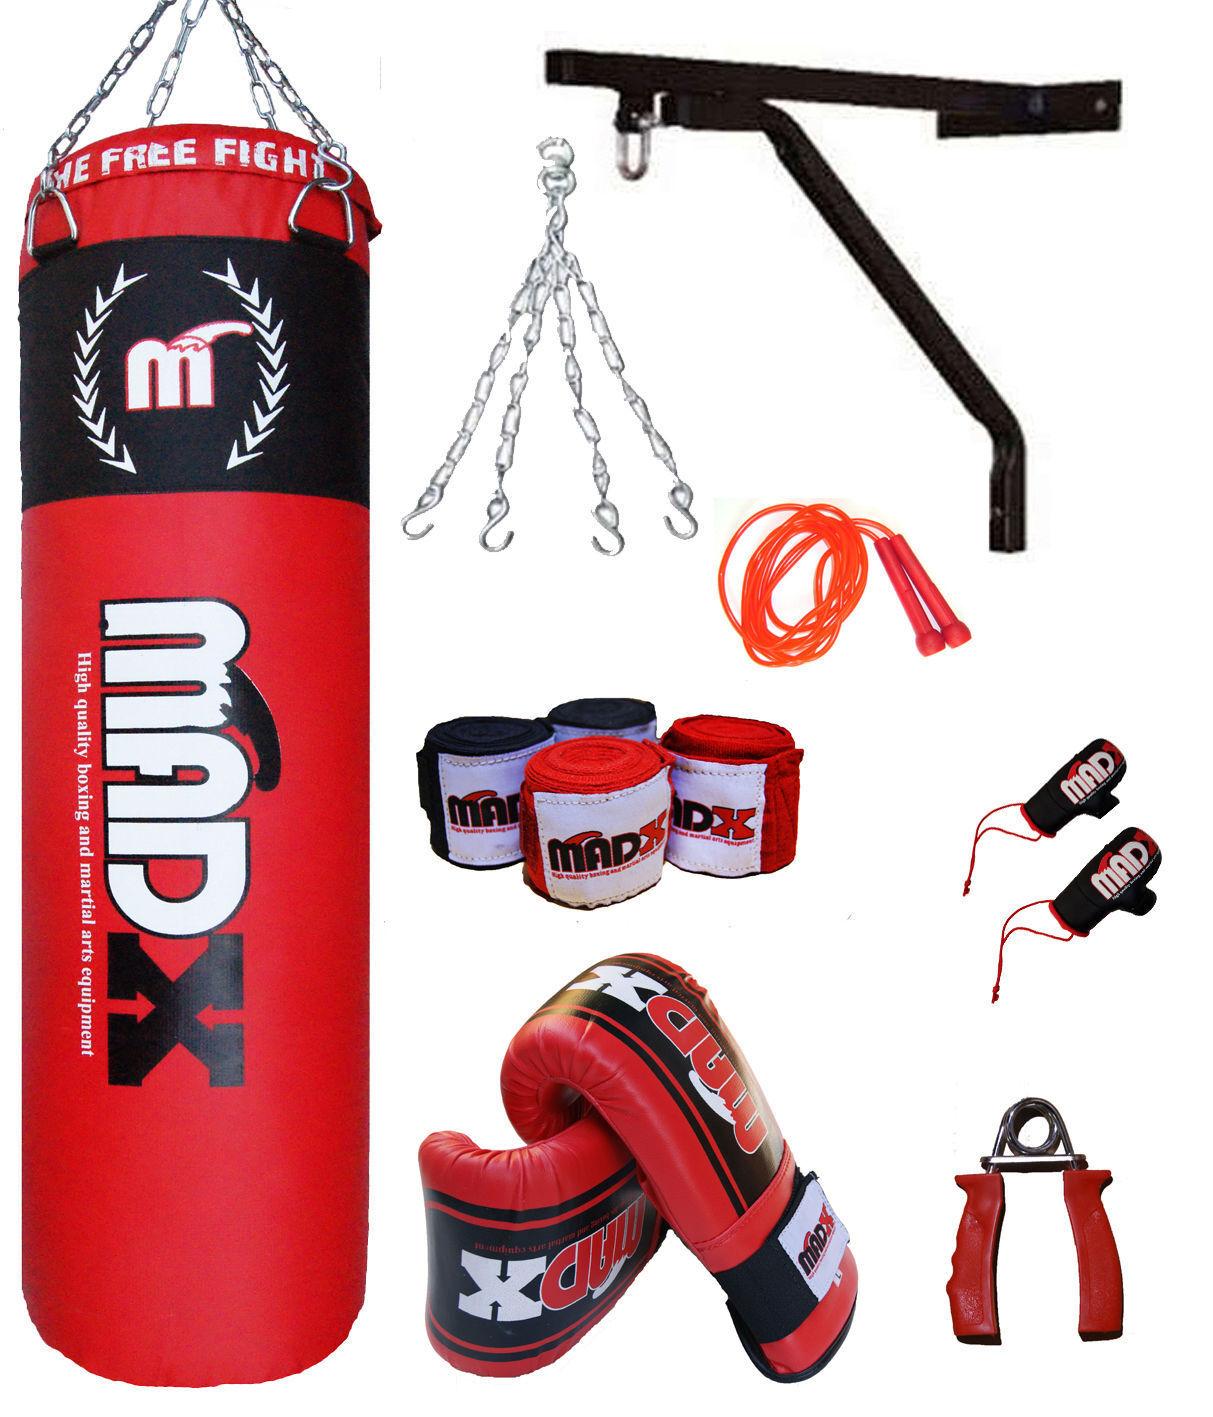 MADX 10pc 4 piedi Vacanti Punch Bag Pro Set, STAFFA MURO, Guanti, MMA